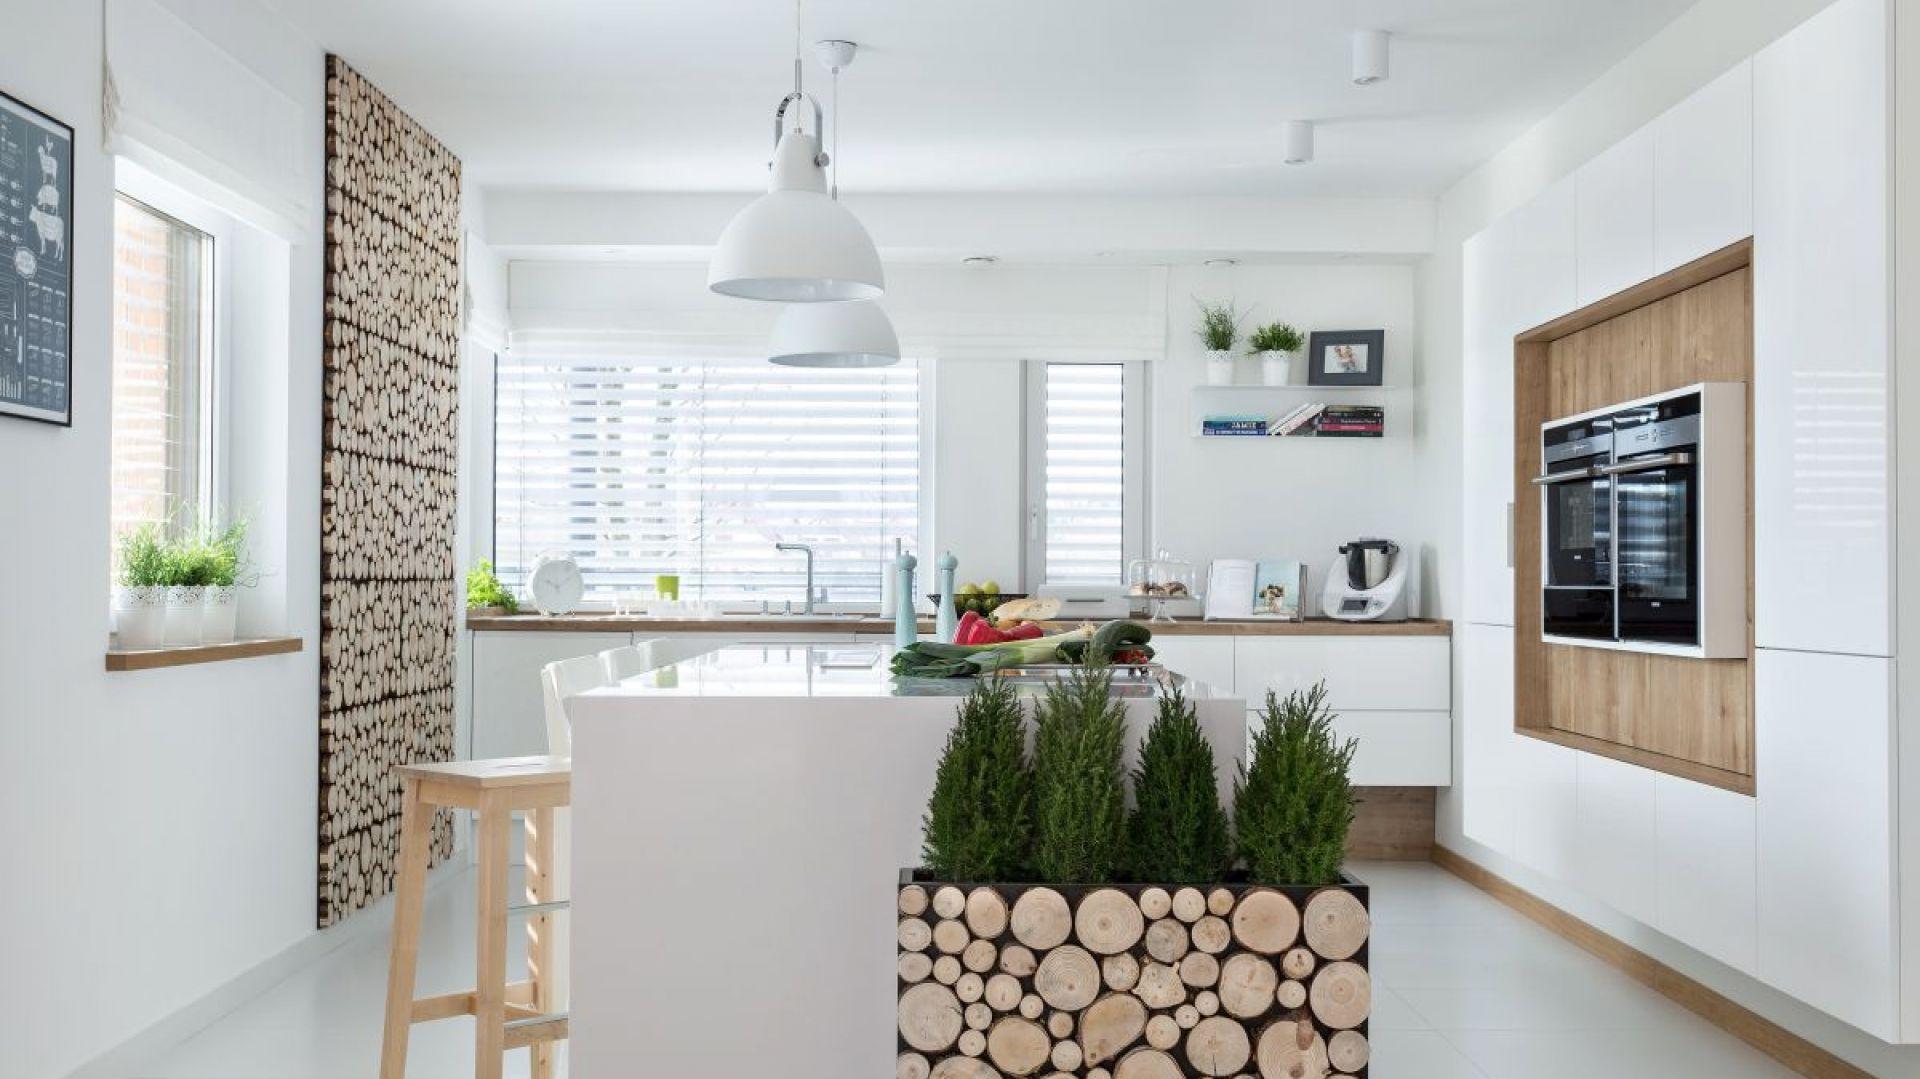 W kuchni Kruppe przeważa biel, jednak drewno jest znaczącym elementem. Nadaje wnętrzu delikatny ton i je ociepla. Fot. Vigo Meble